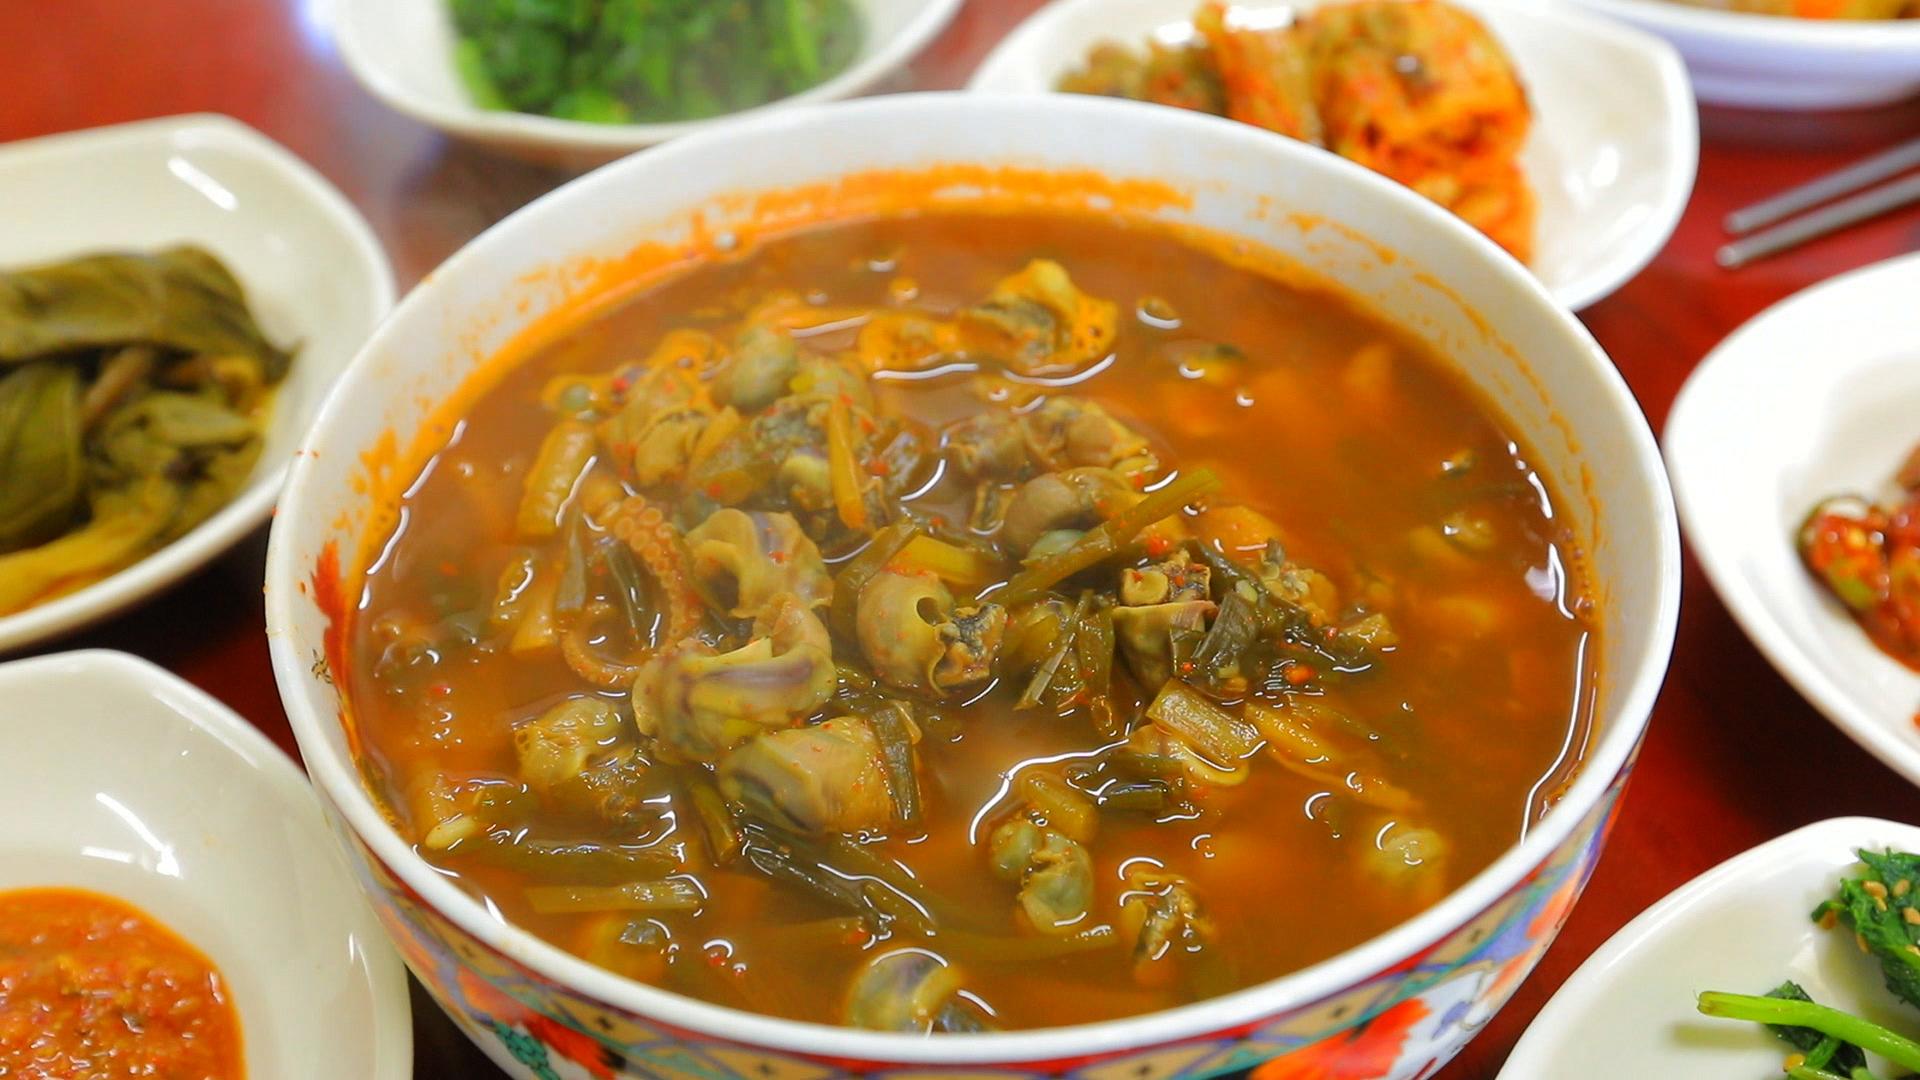 한국기행 - 섬마을 밥집 5부 옛 섬, 그 기억의 맛